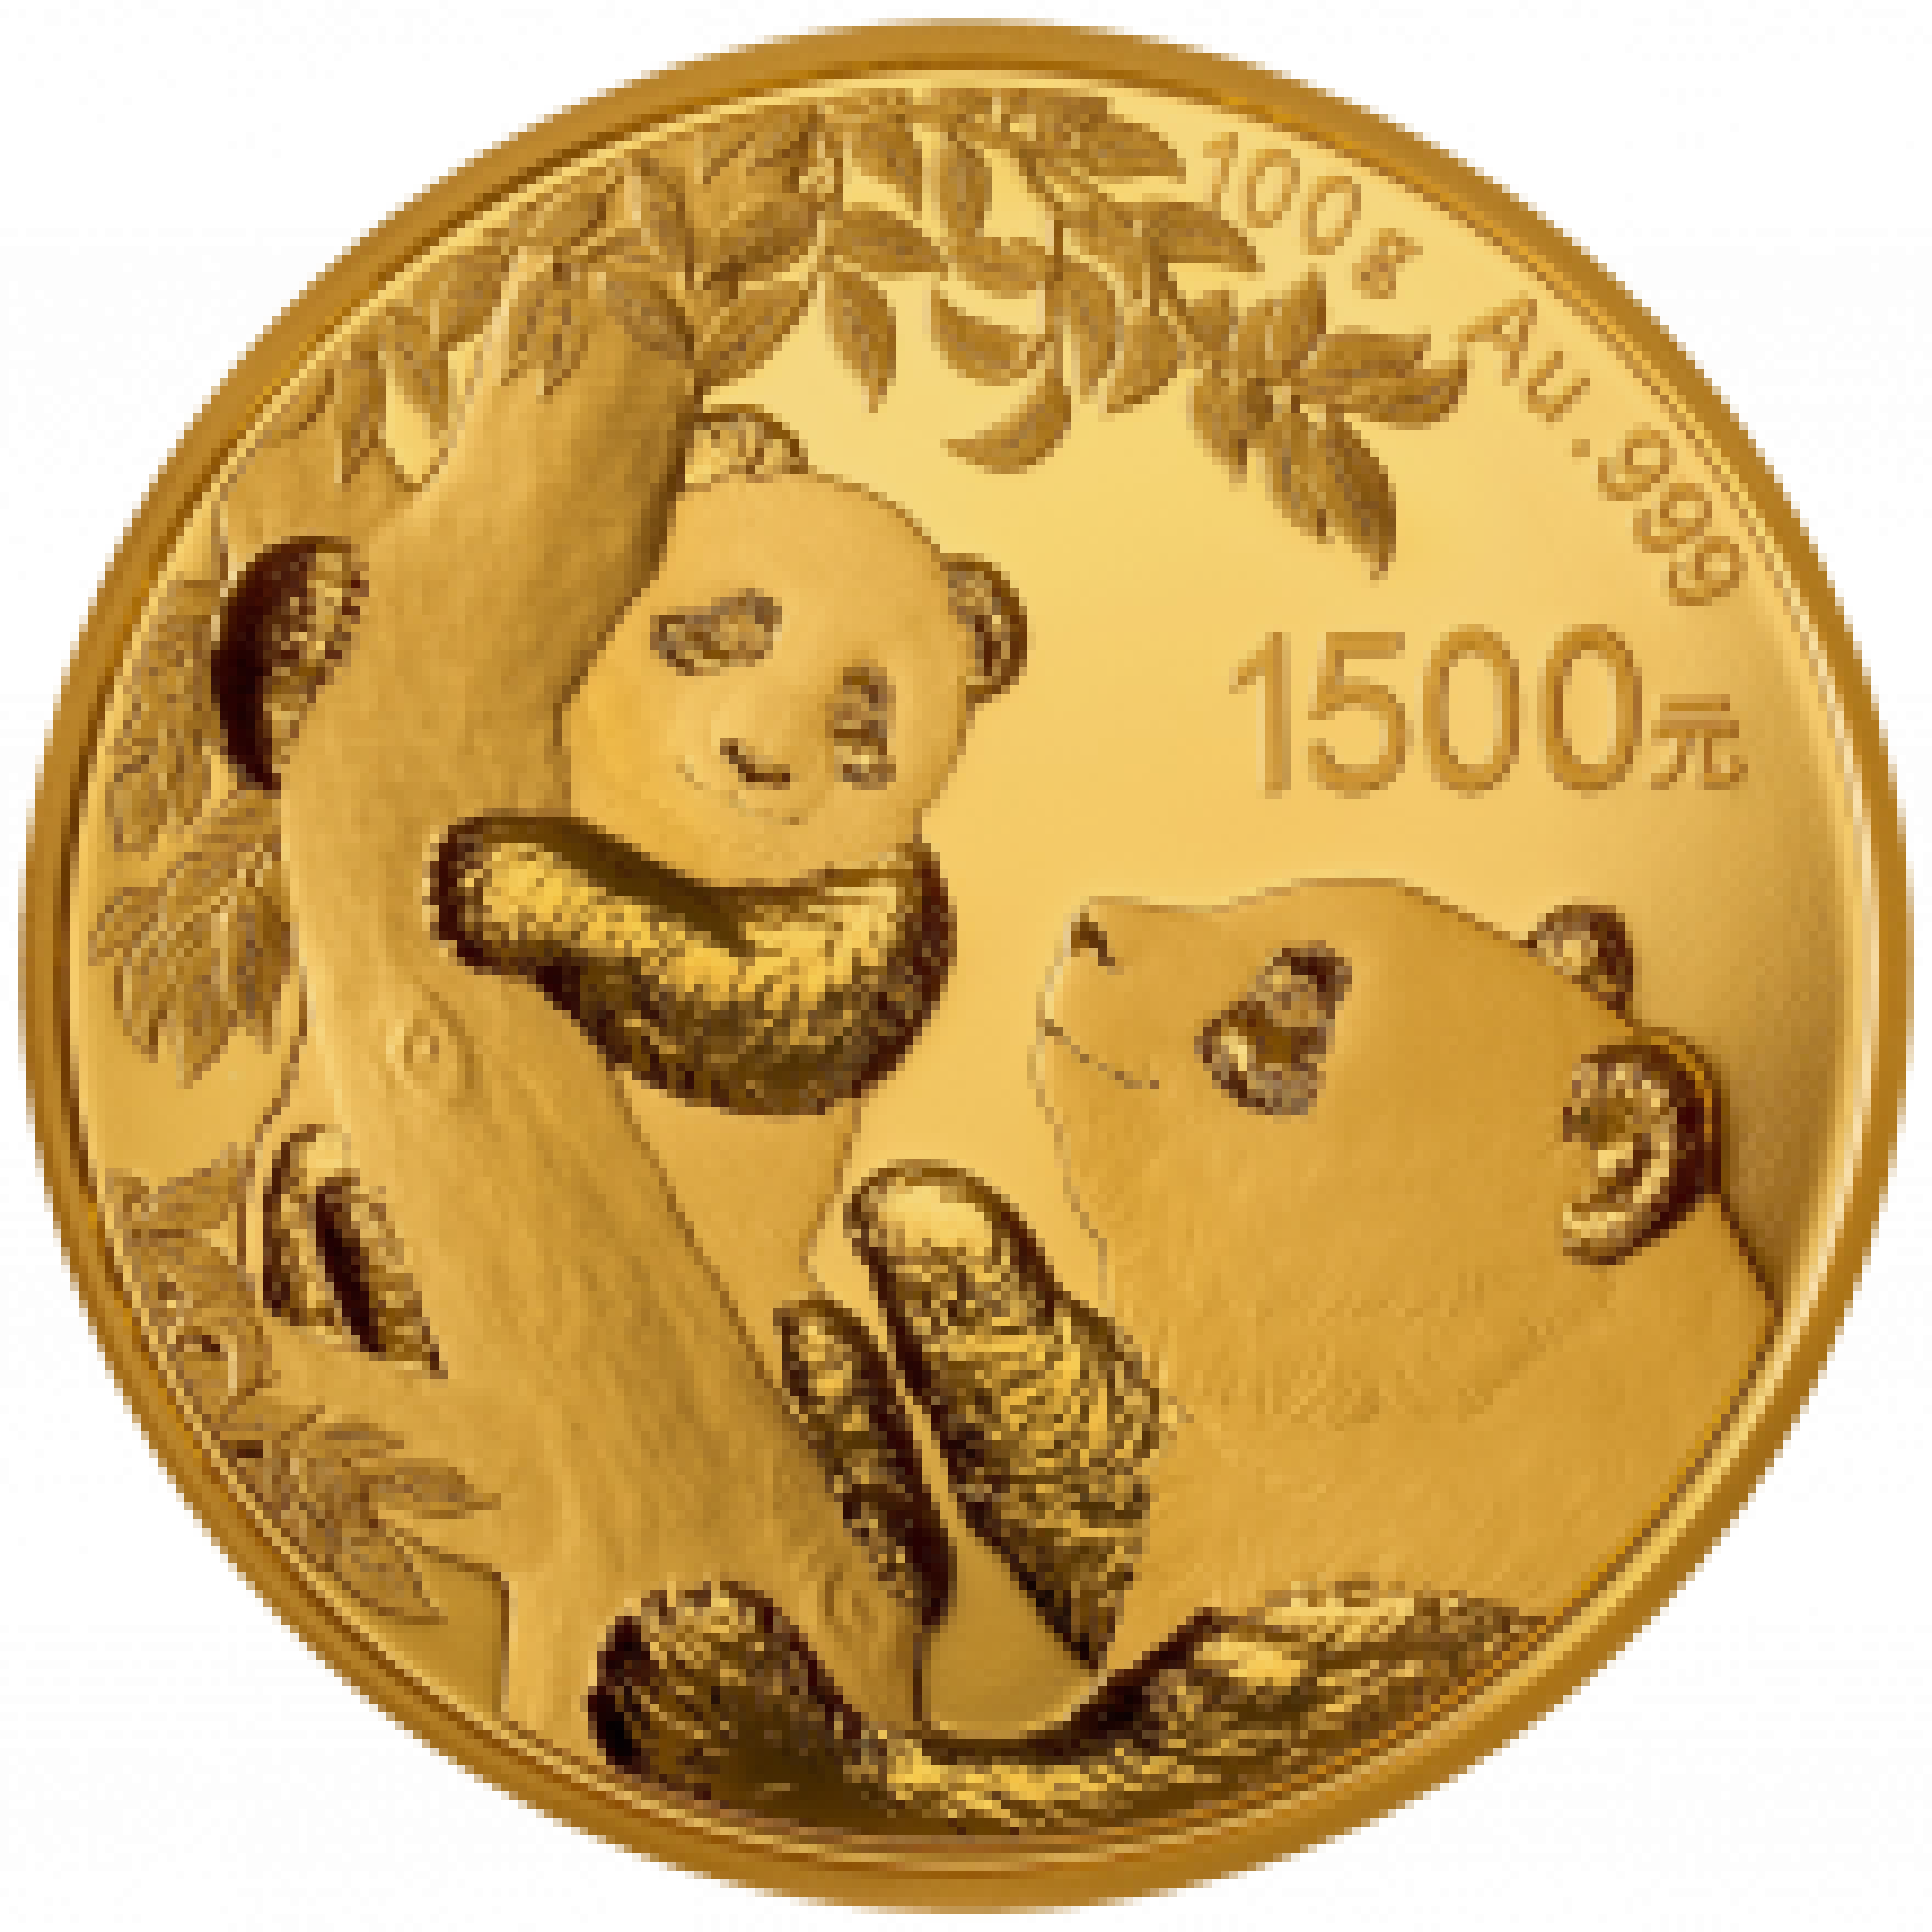 100 Gram gouden munt Panda 2021 Proof